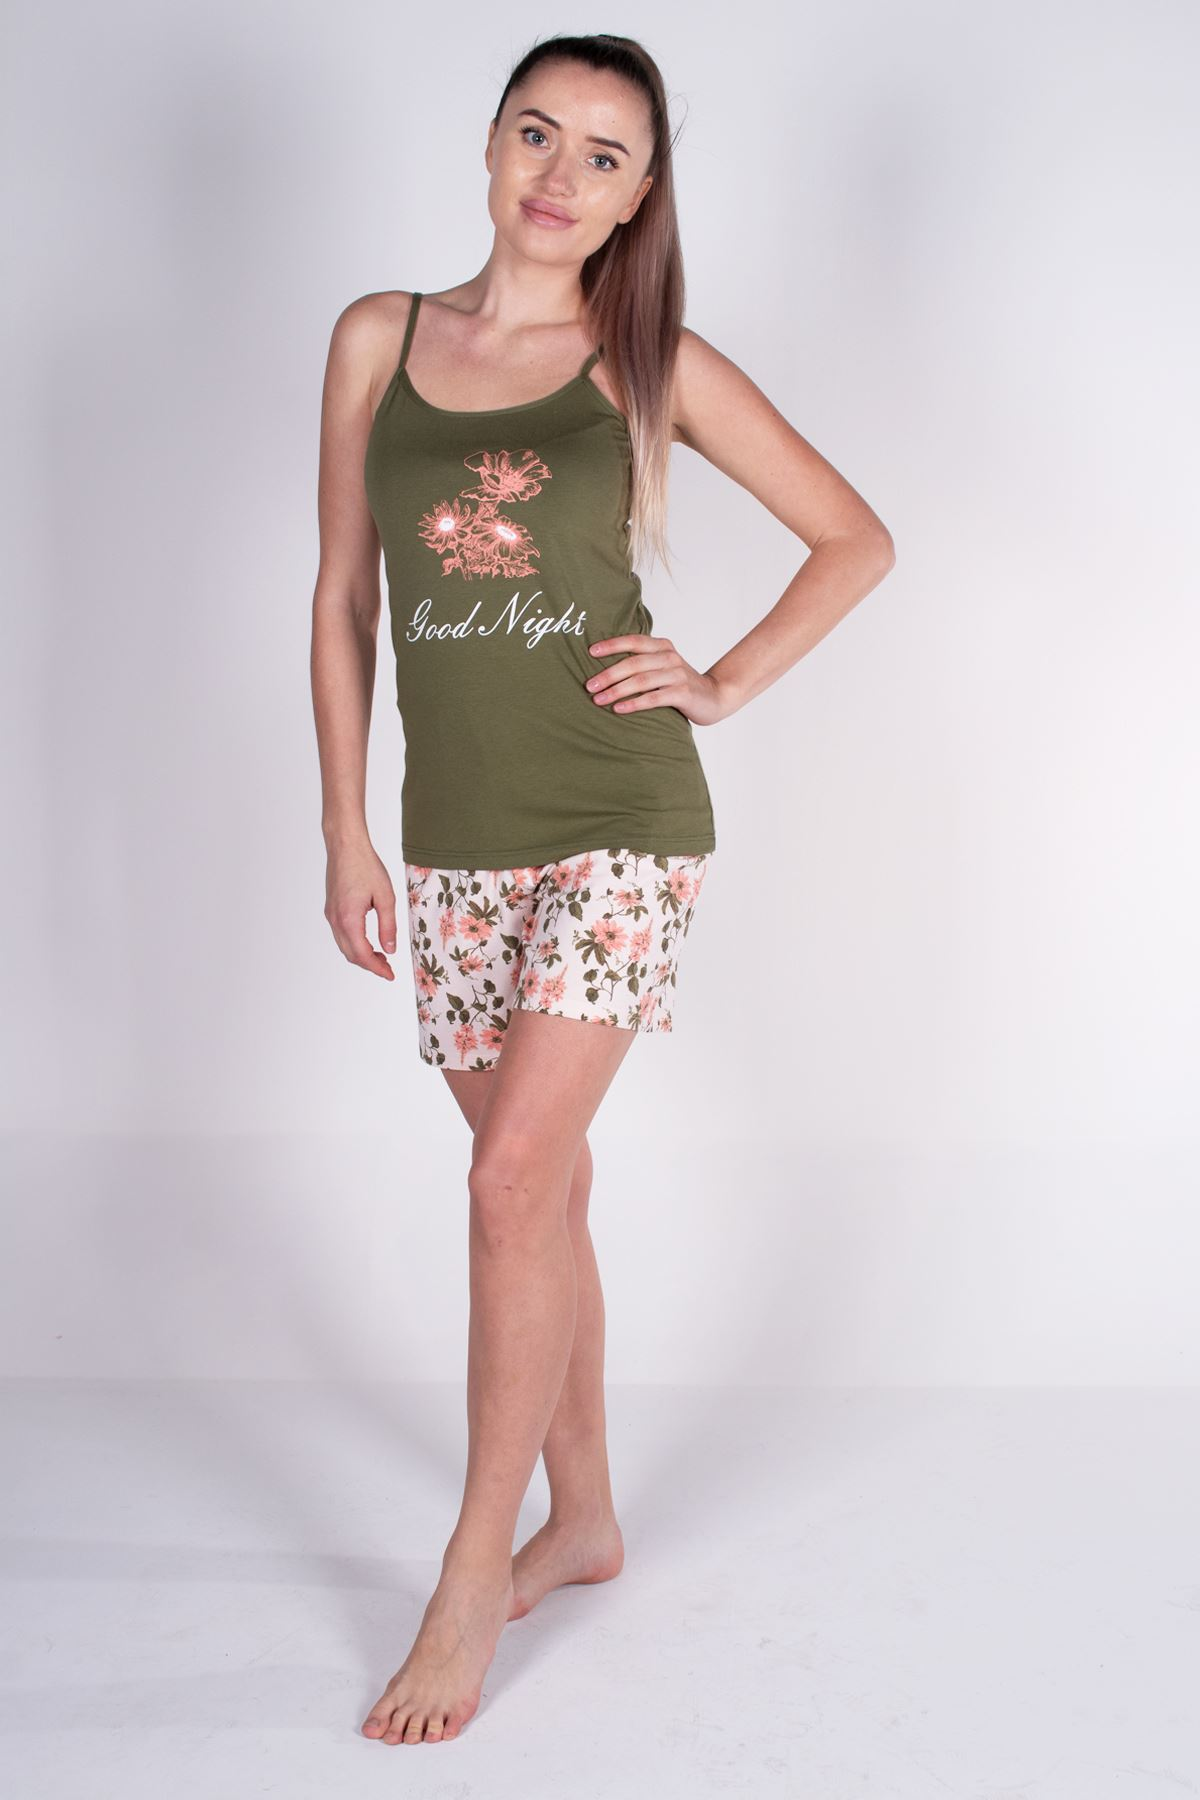 Malabadi Kadın Yeşil İp Askılı Şortlu Modal Pijama Takımı 5006